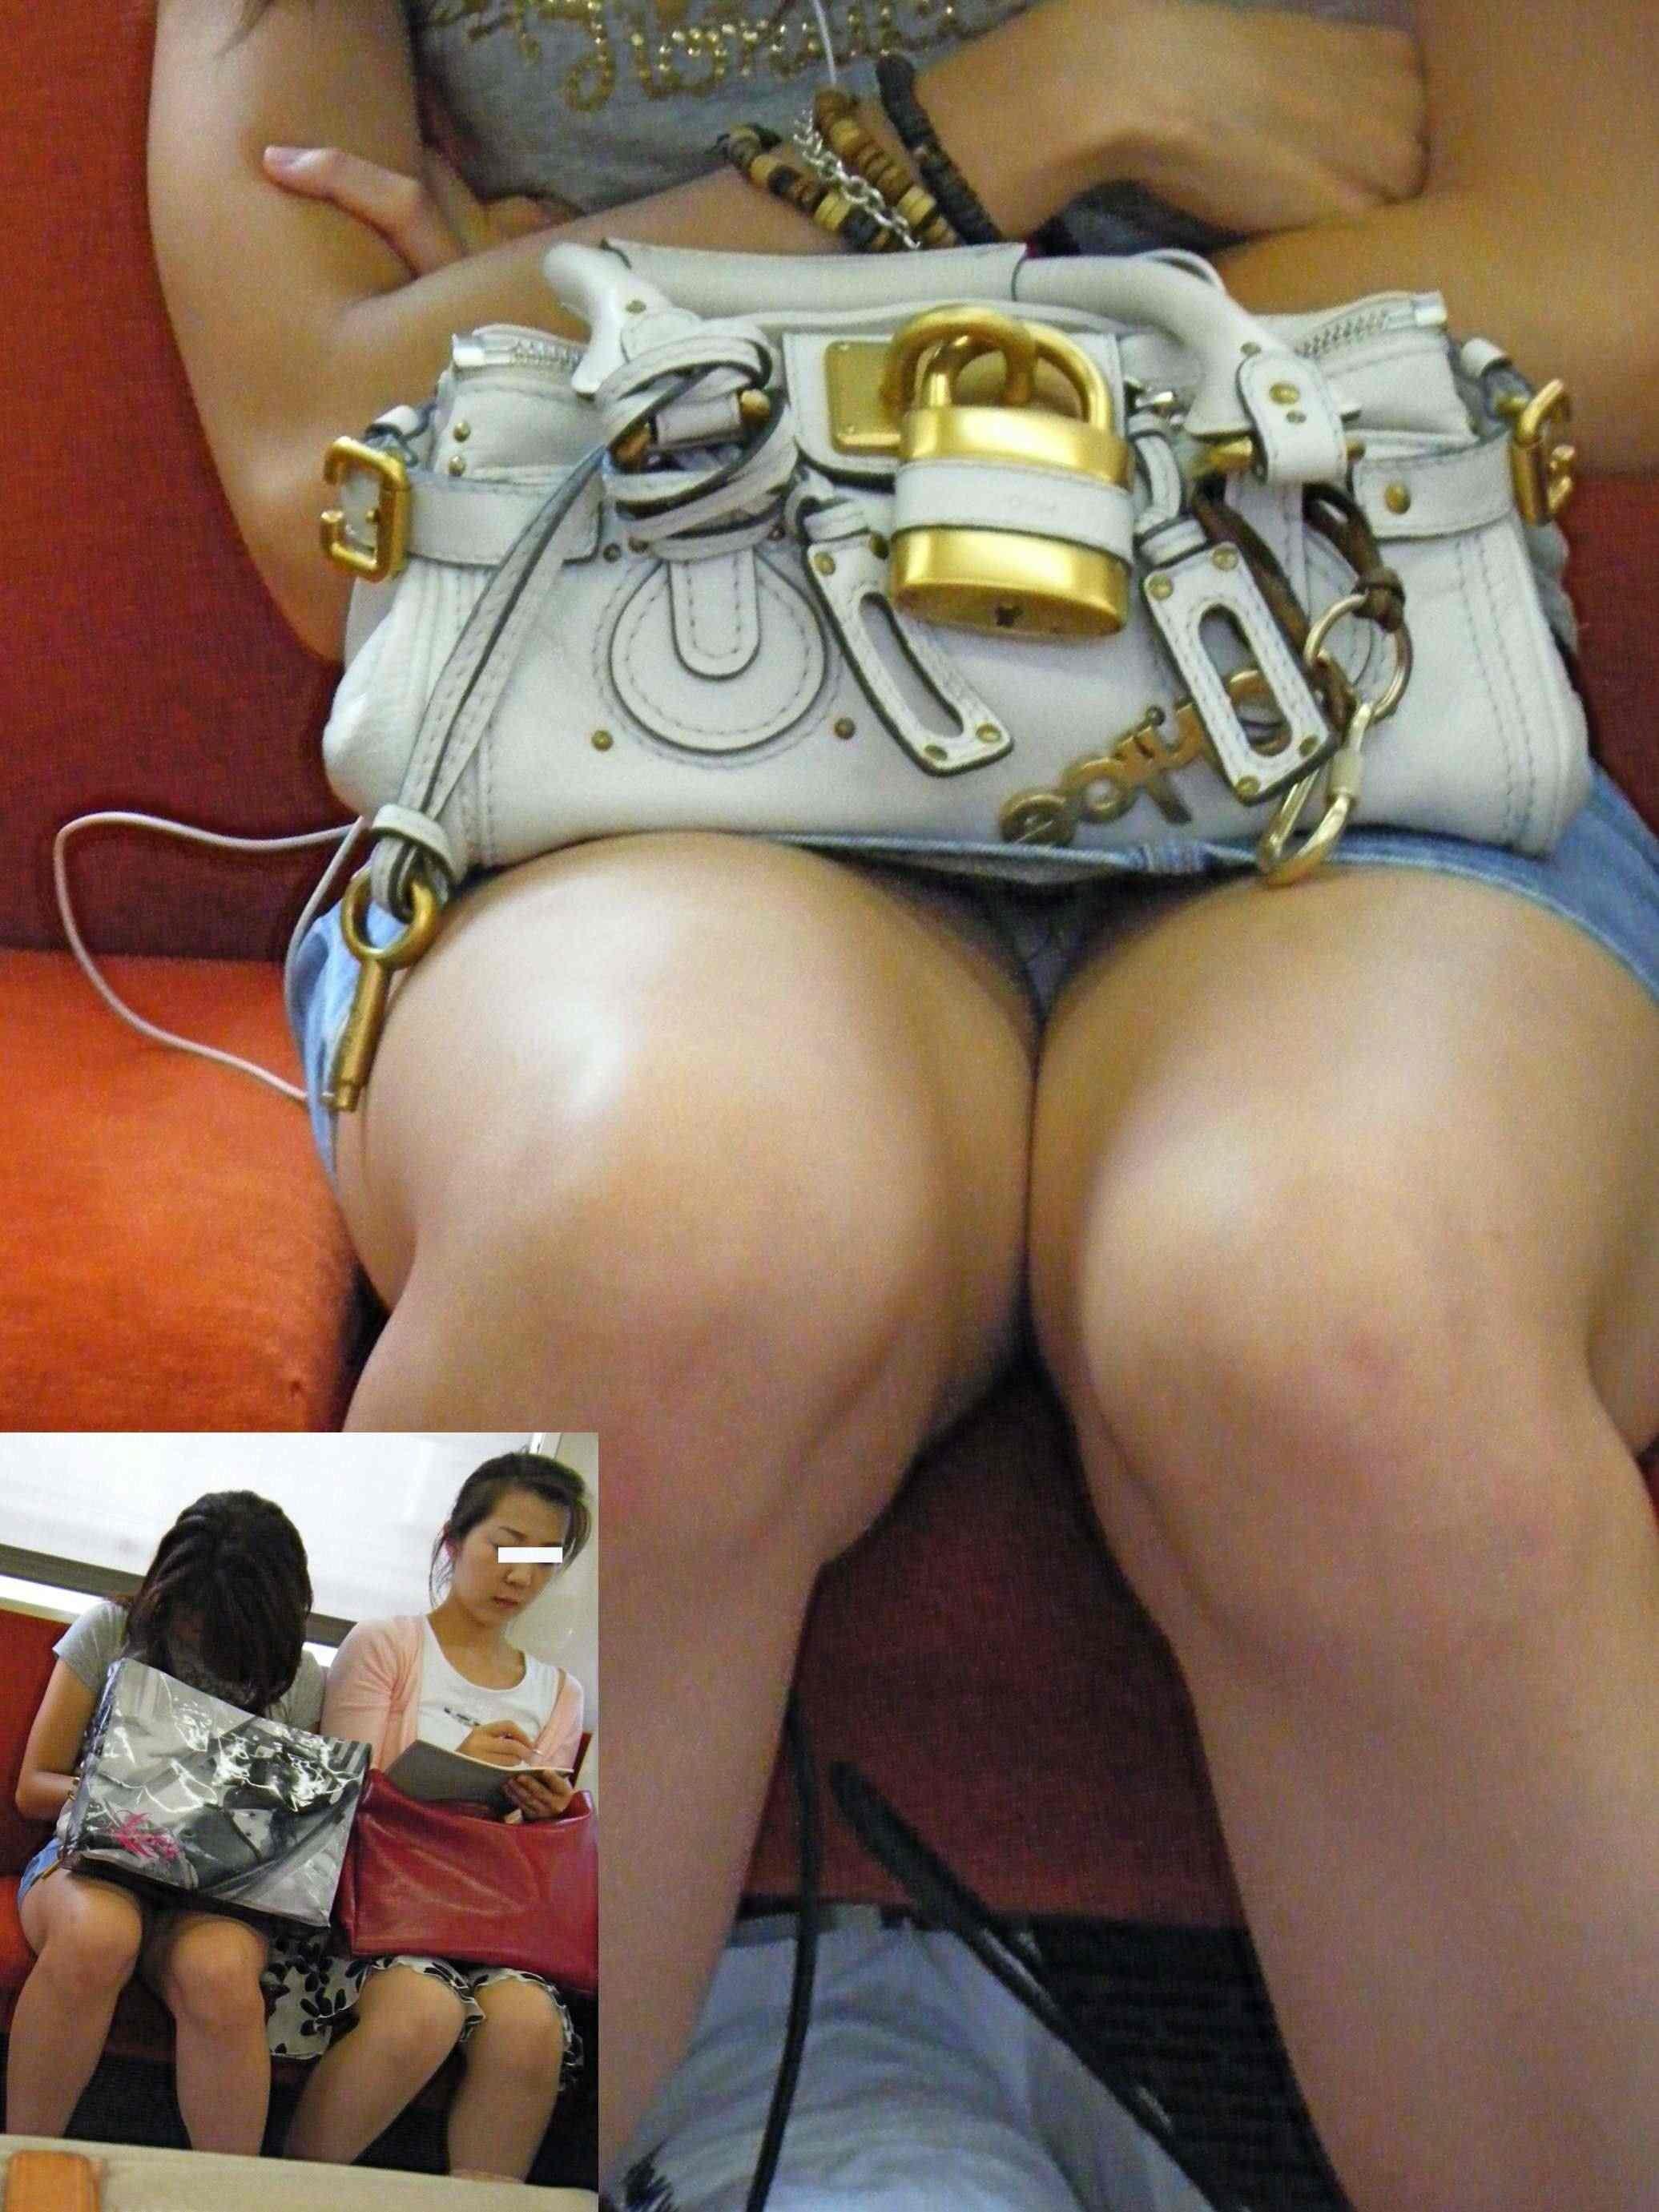 【パンチラエロ画像】寝ボケも一気に吹き飛ぶ衝撃wwwラッシュ時の電車内対面パンチラ 09